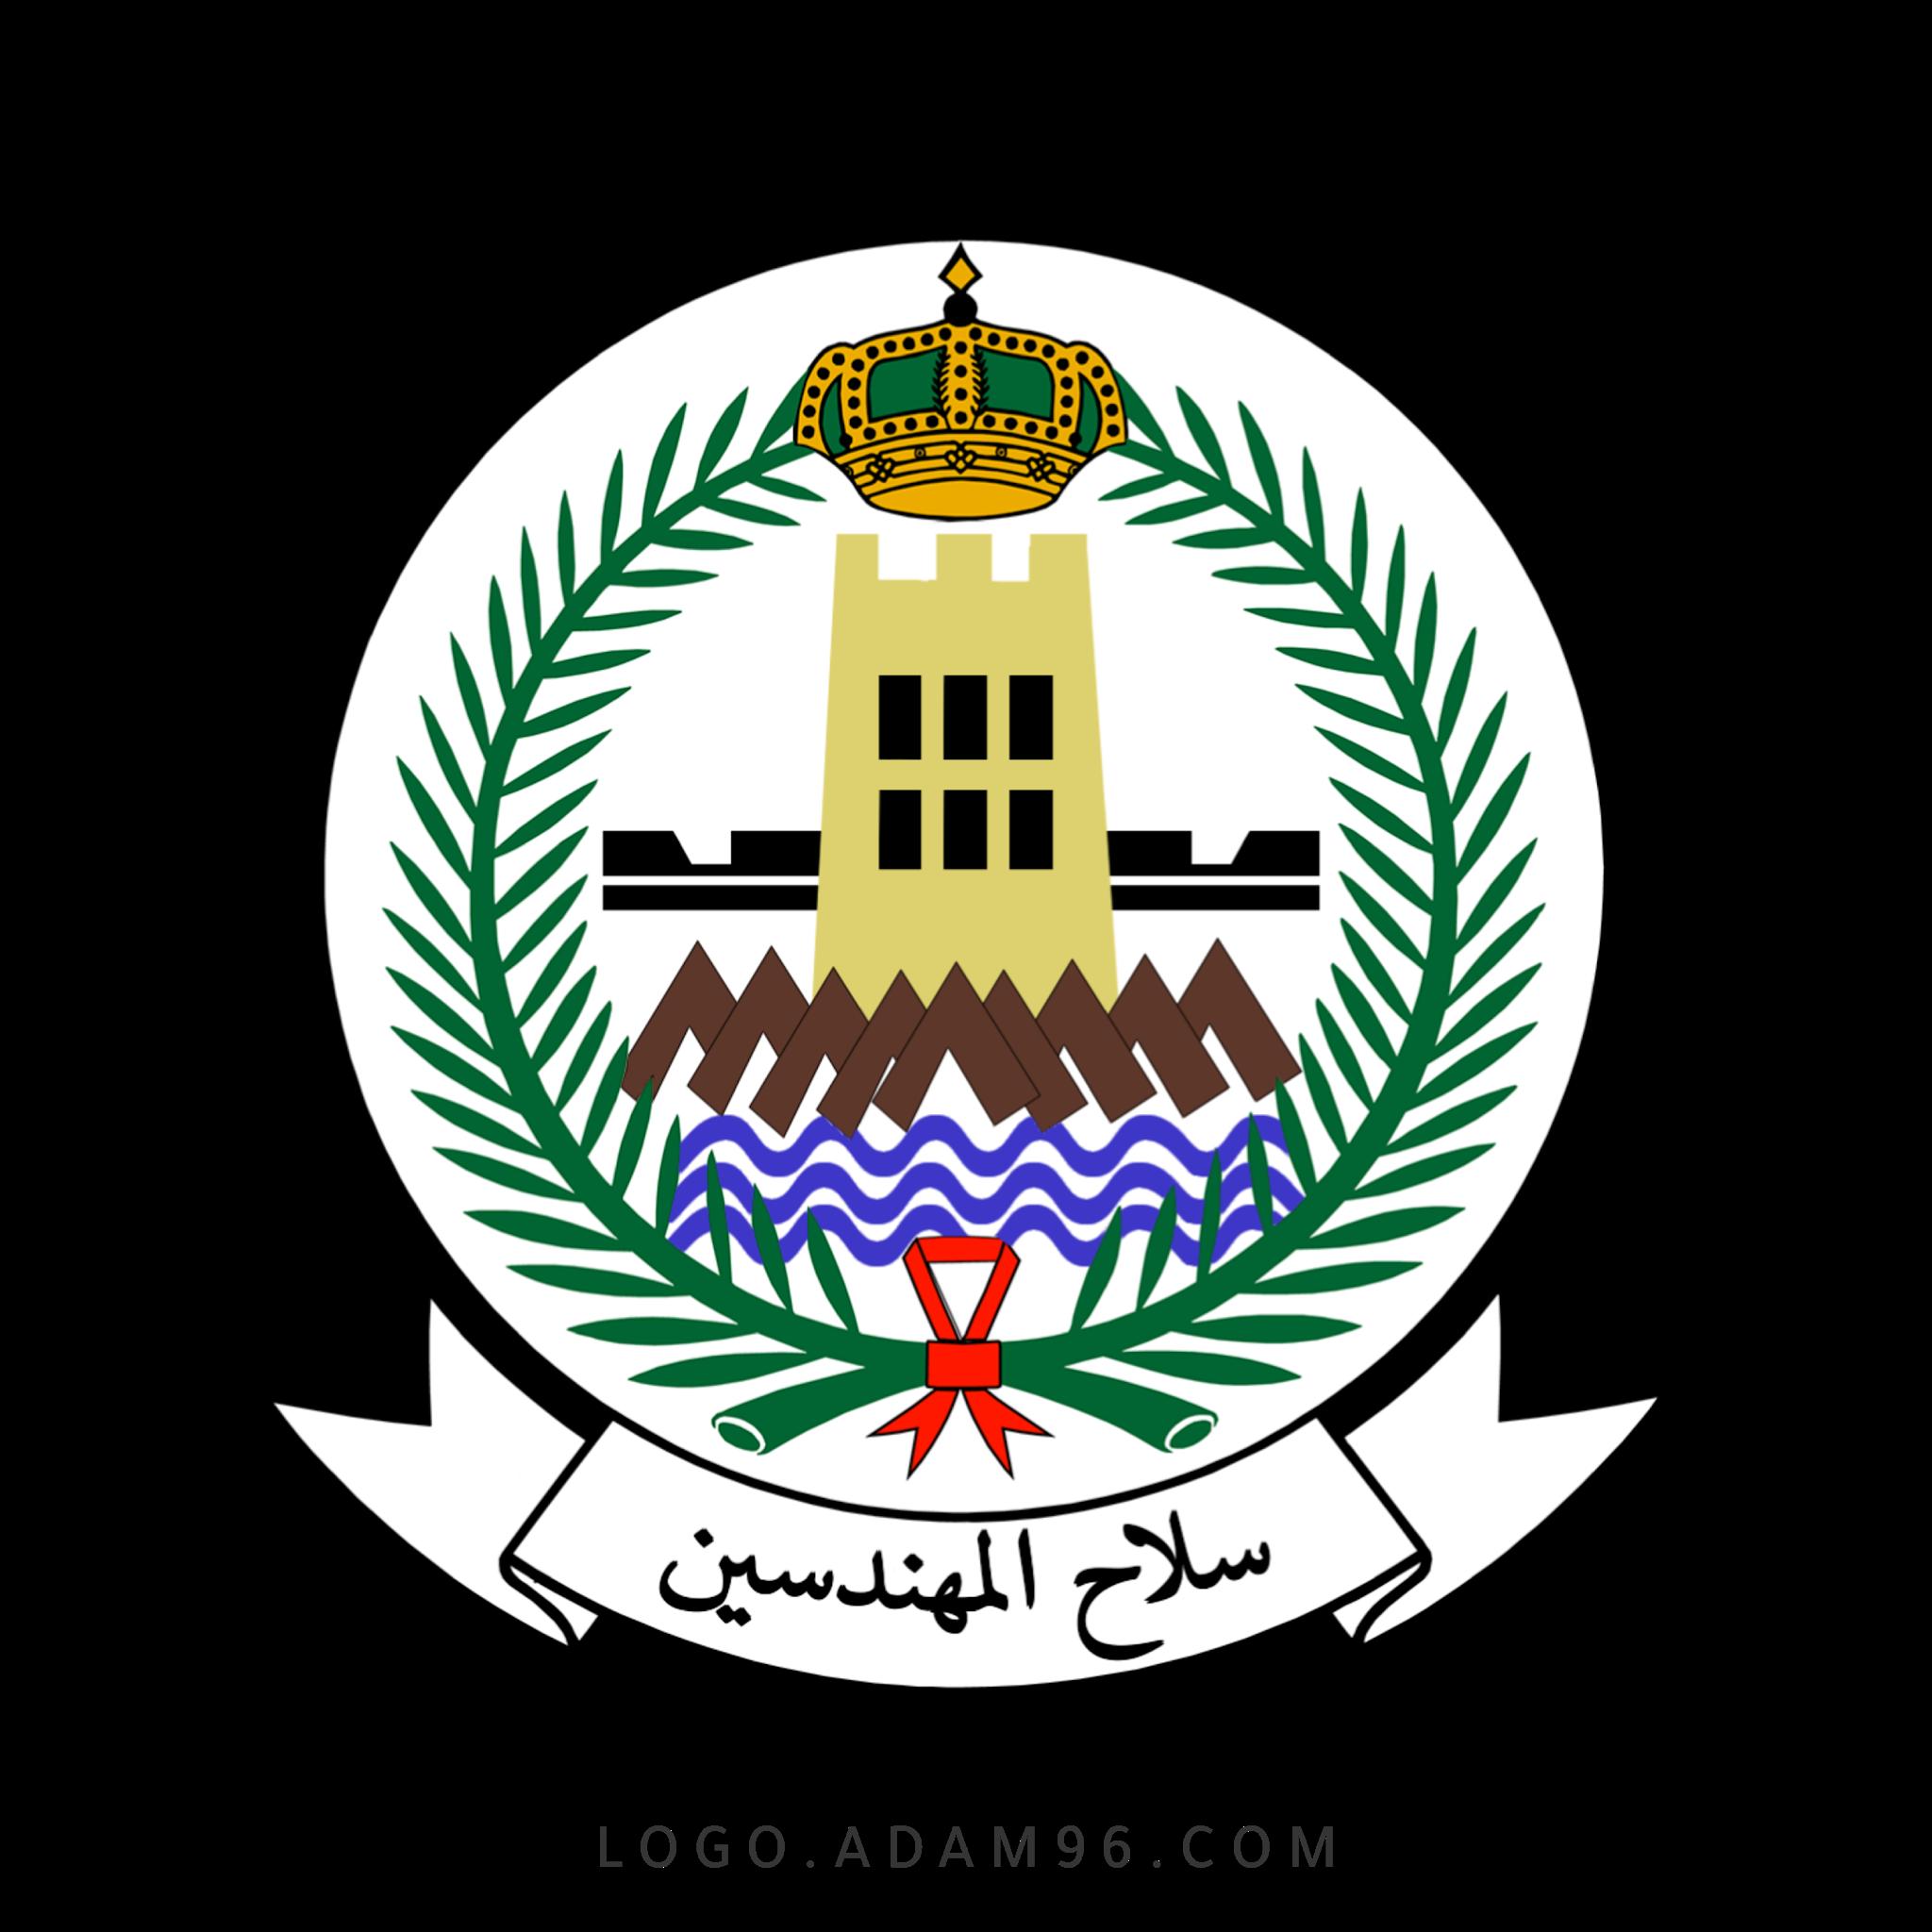 تحميل شعار سلاح المهندسين السعودية لوجو عالي الجودة PNG